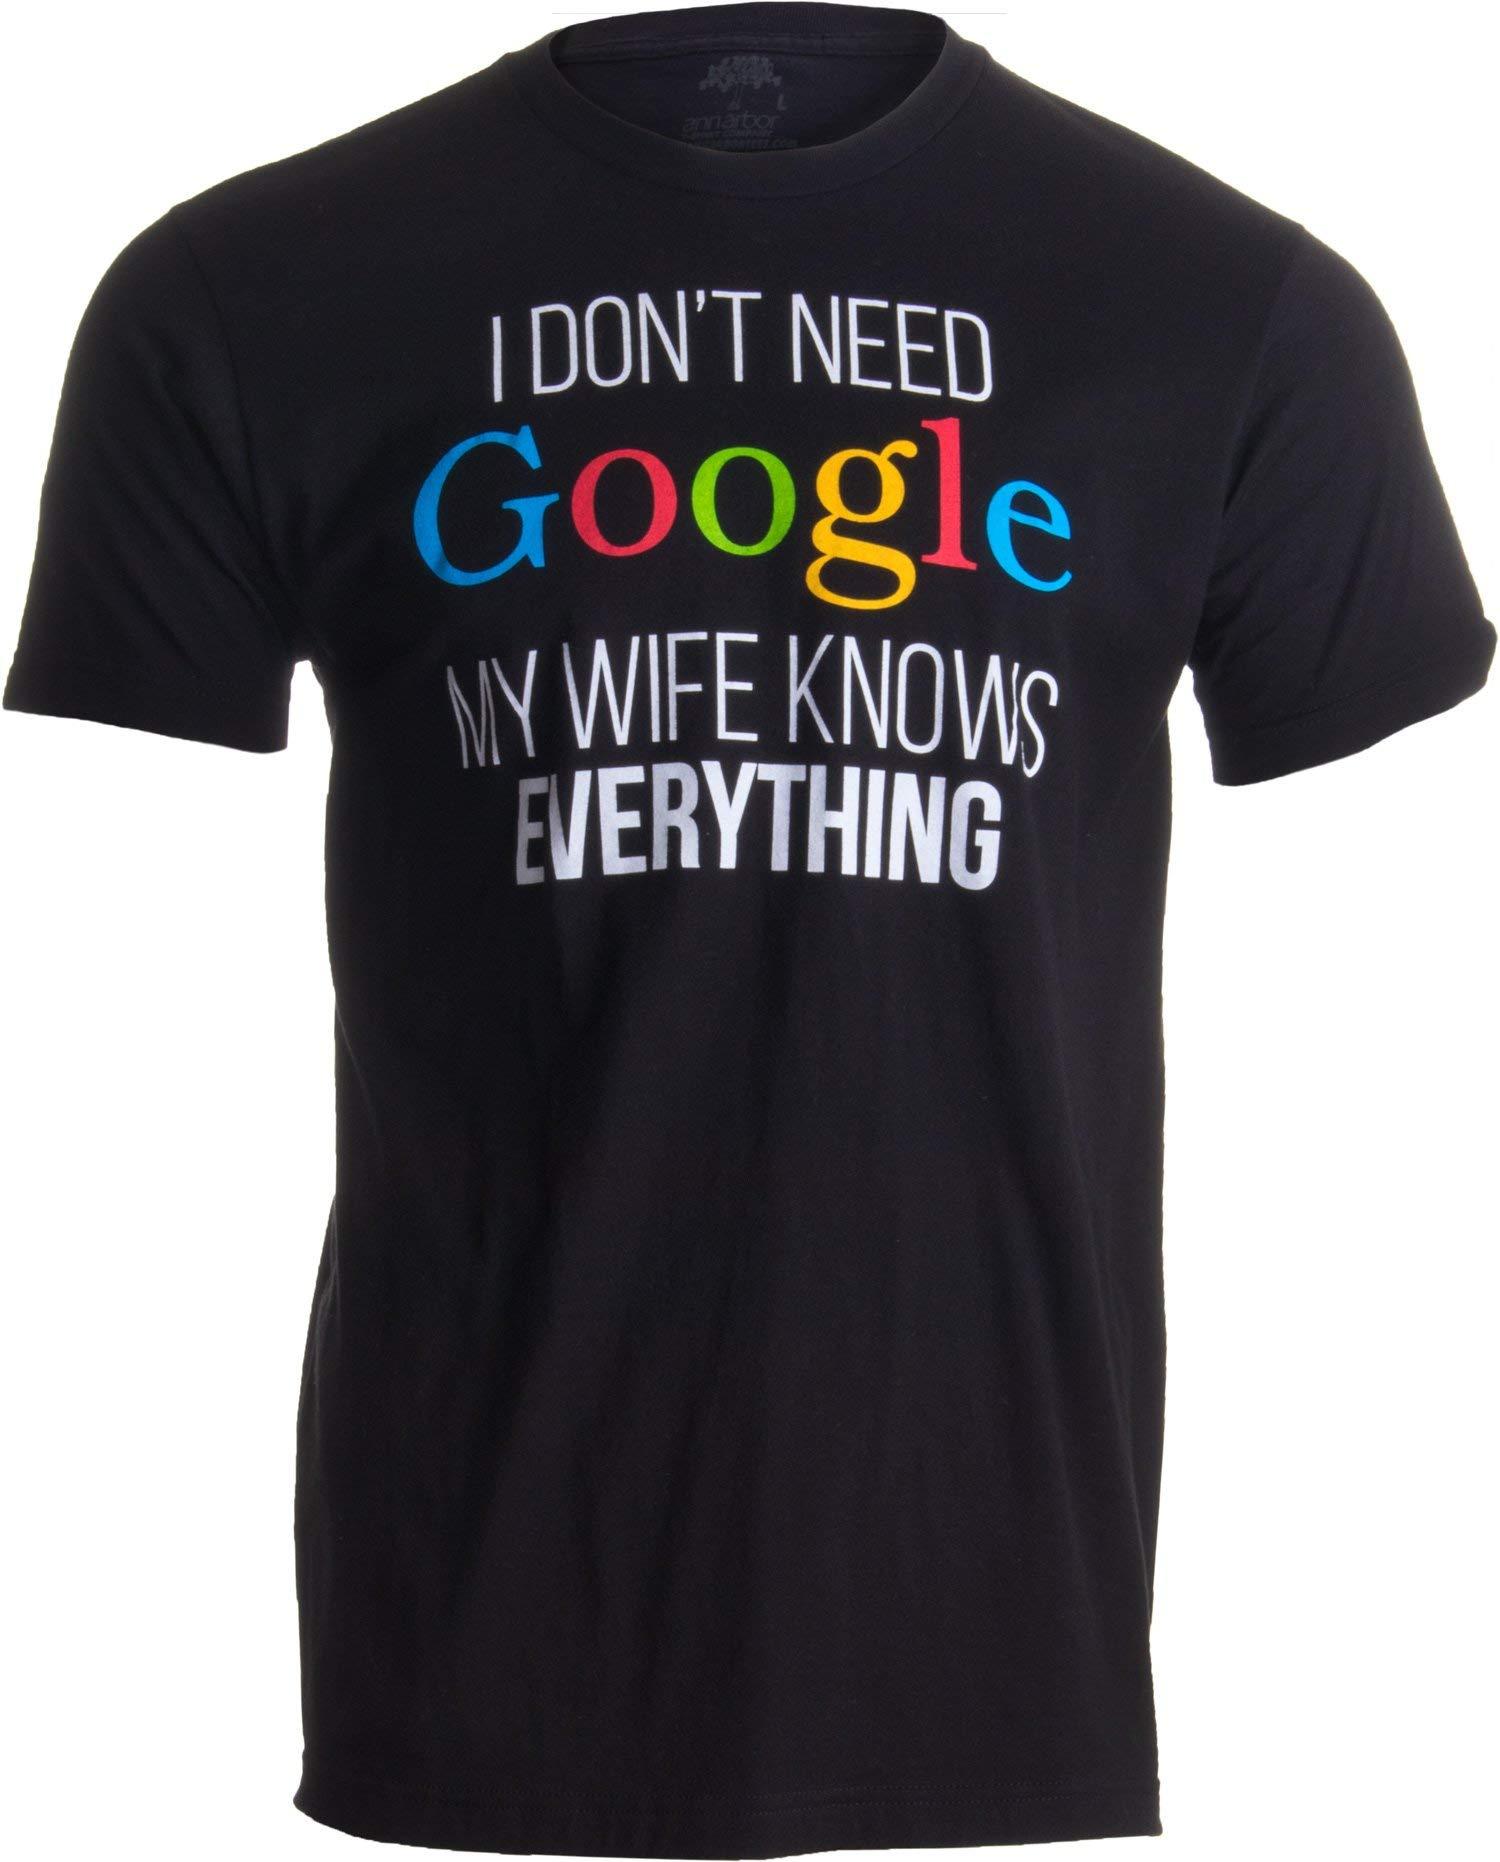 I Don't Need Google, My Wife Knows Everything! (Non Ho Bisogno di Google, mia Moglie sa già Tutto!) – Maglietta sarcastica sulle mogli saccenti – T-Shirt Uomo con Scritta –